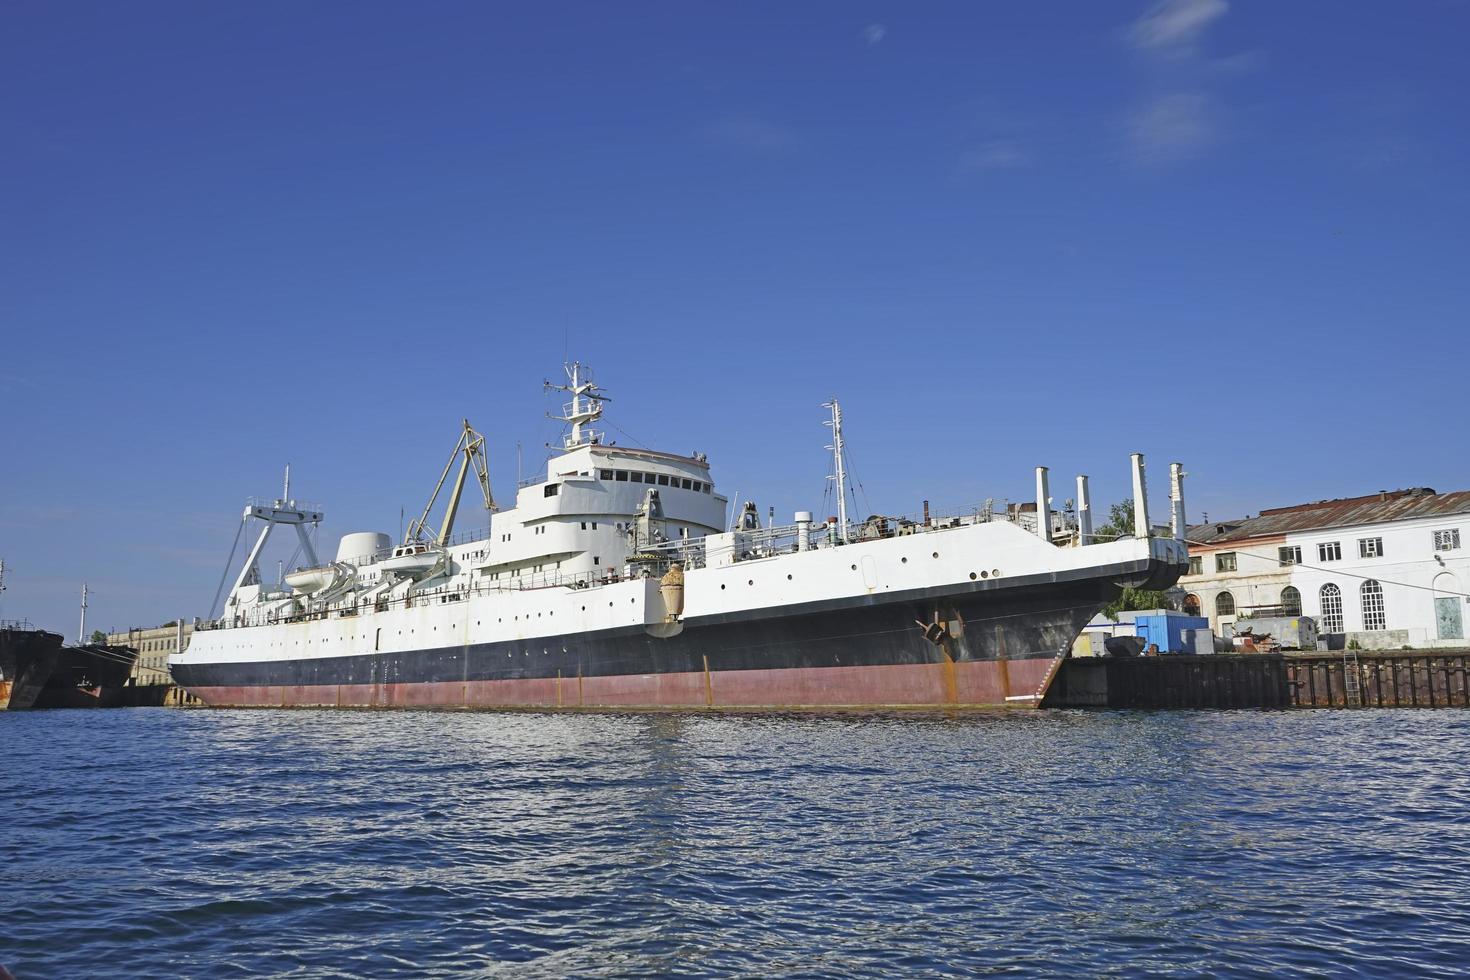 paesaggio marino con vedute di navi da guerra al molo. foto